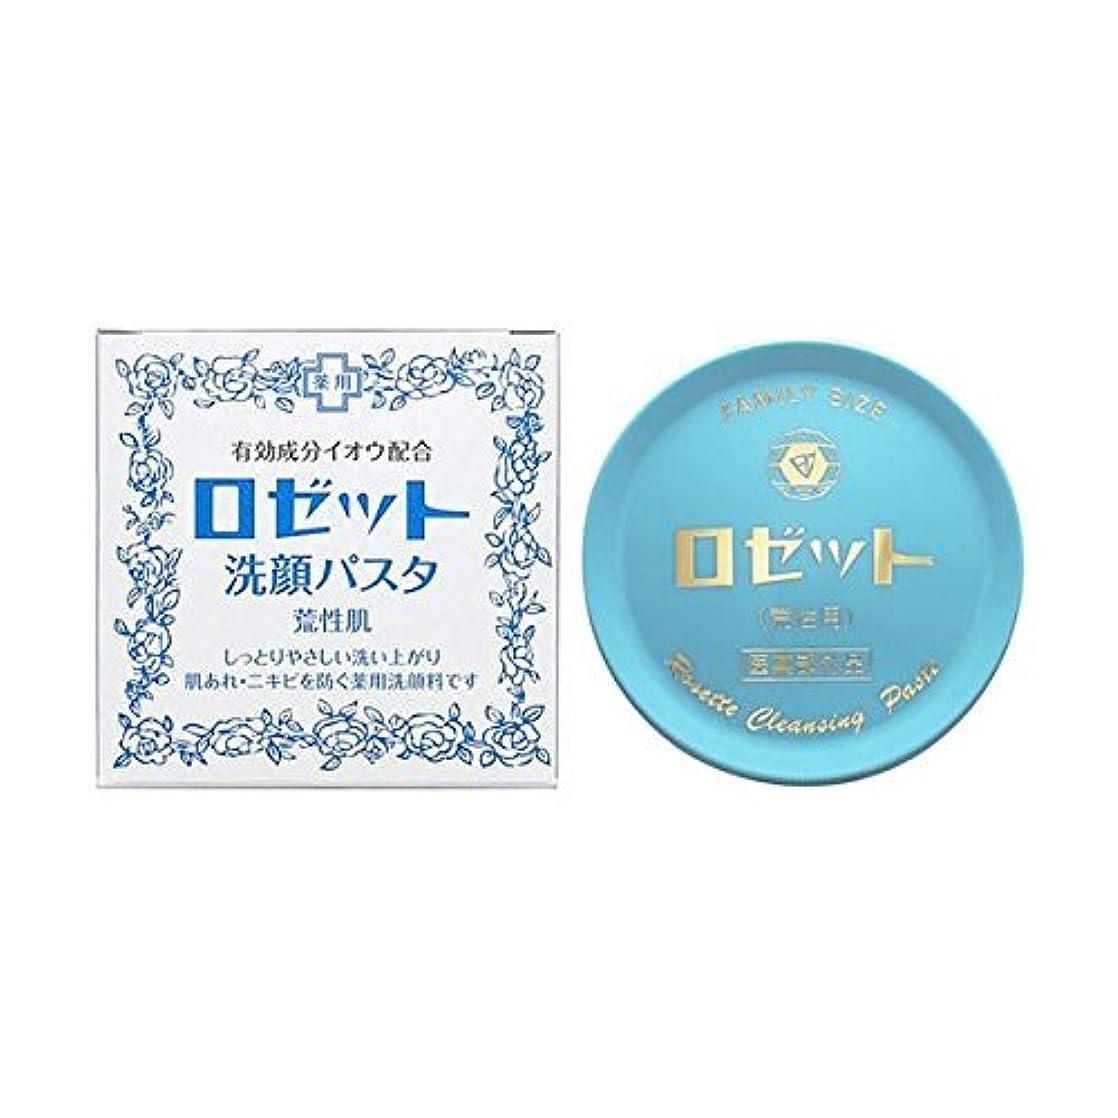 ギャラリーリングバック市民【お徳用 5 セット】 ロゼット 洗顔パスタ 荒性肌 90g×5セット